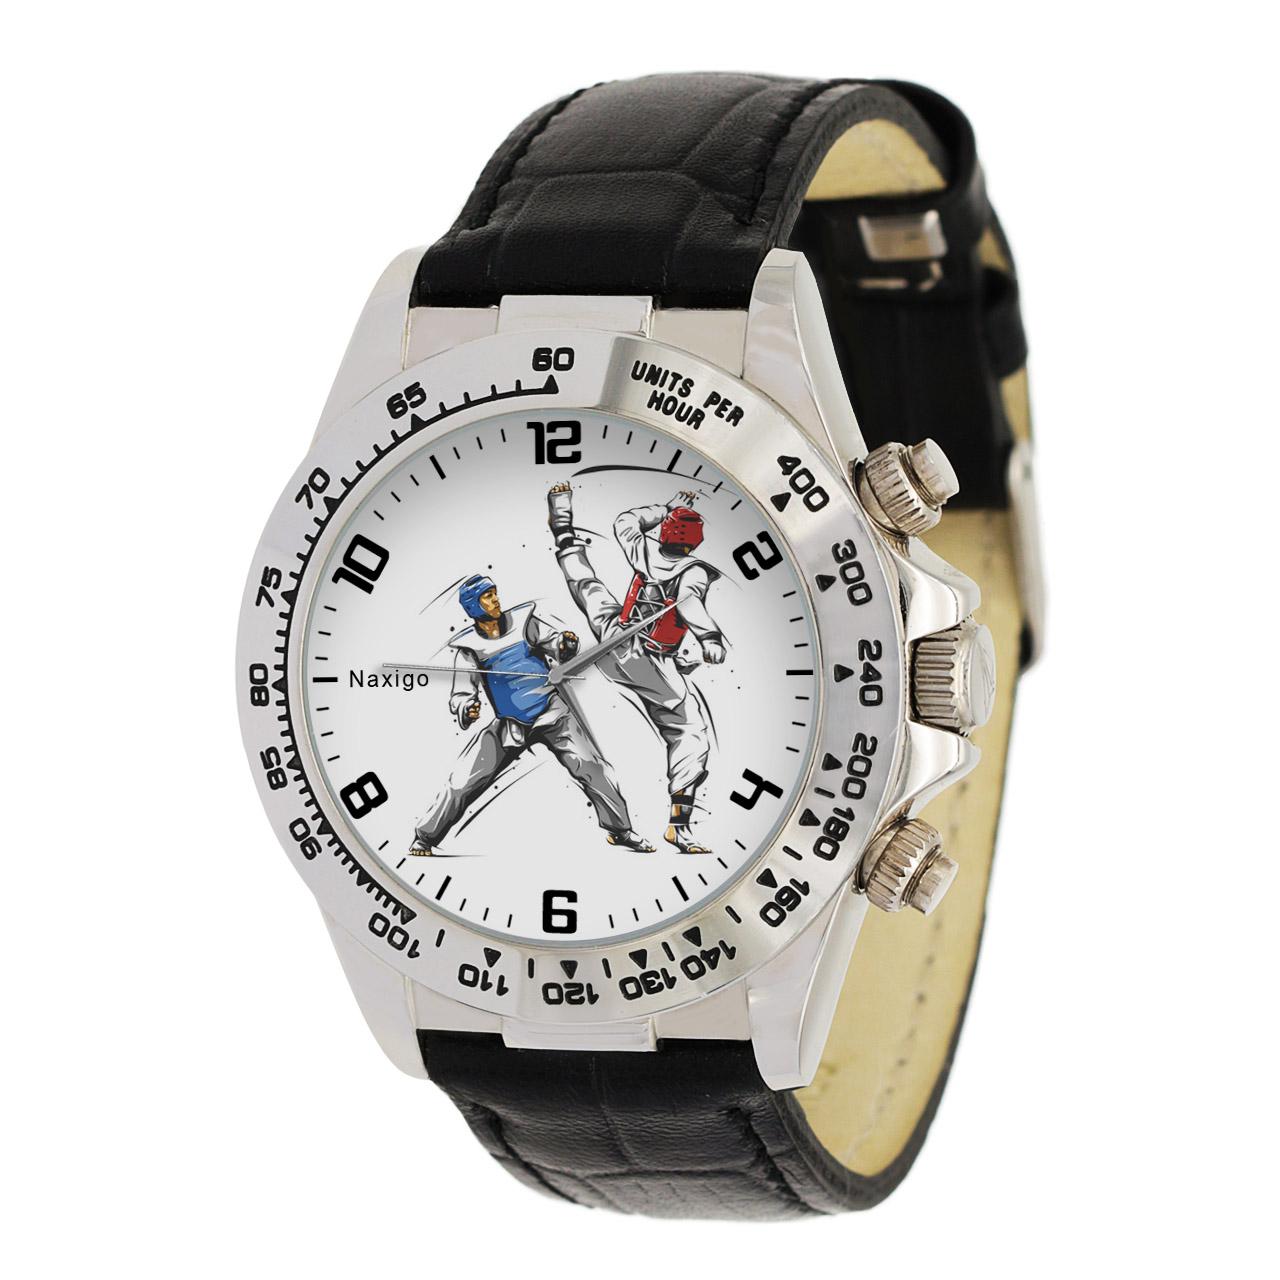 ساعت مچی  مردانه ناکسیگو طرح تکواندو کد LS3553